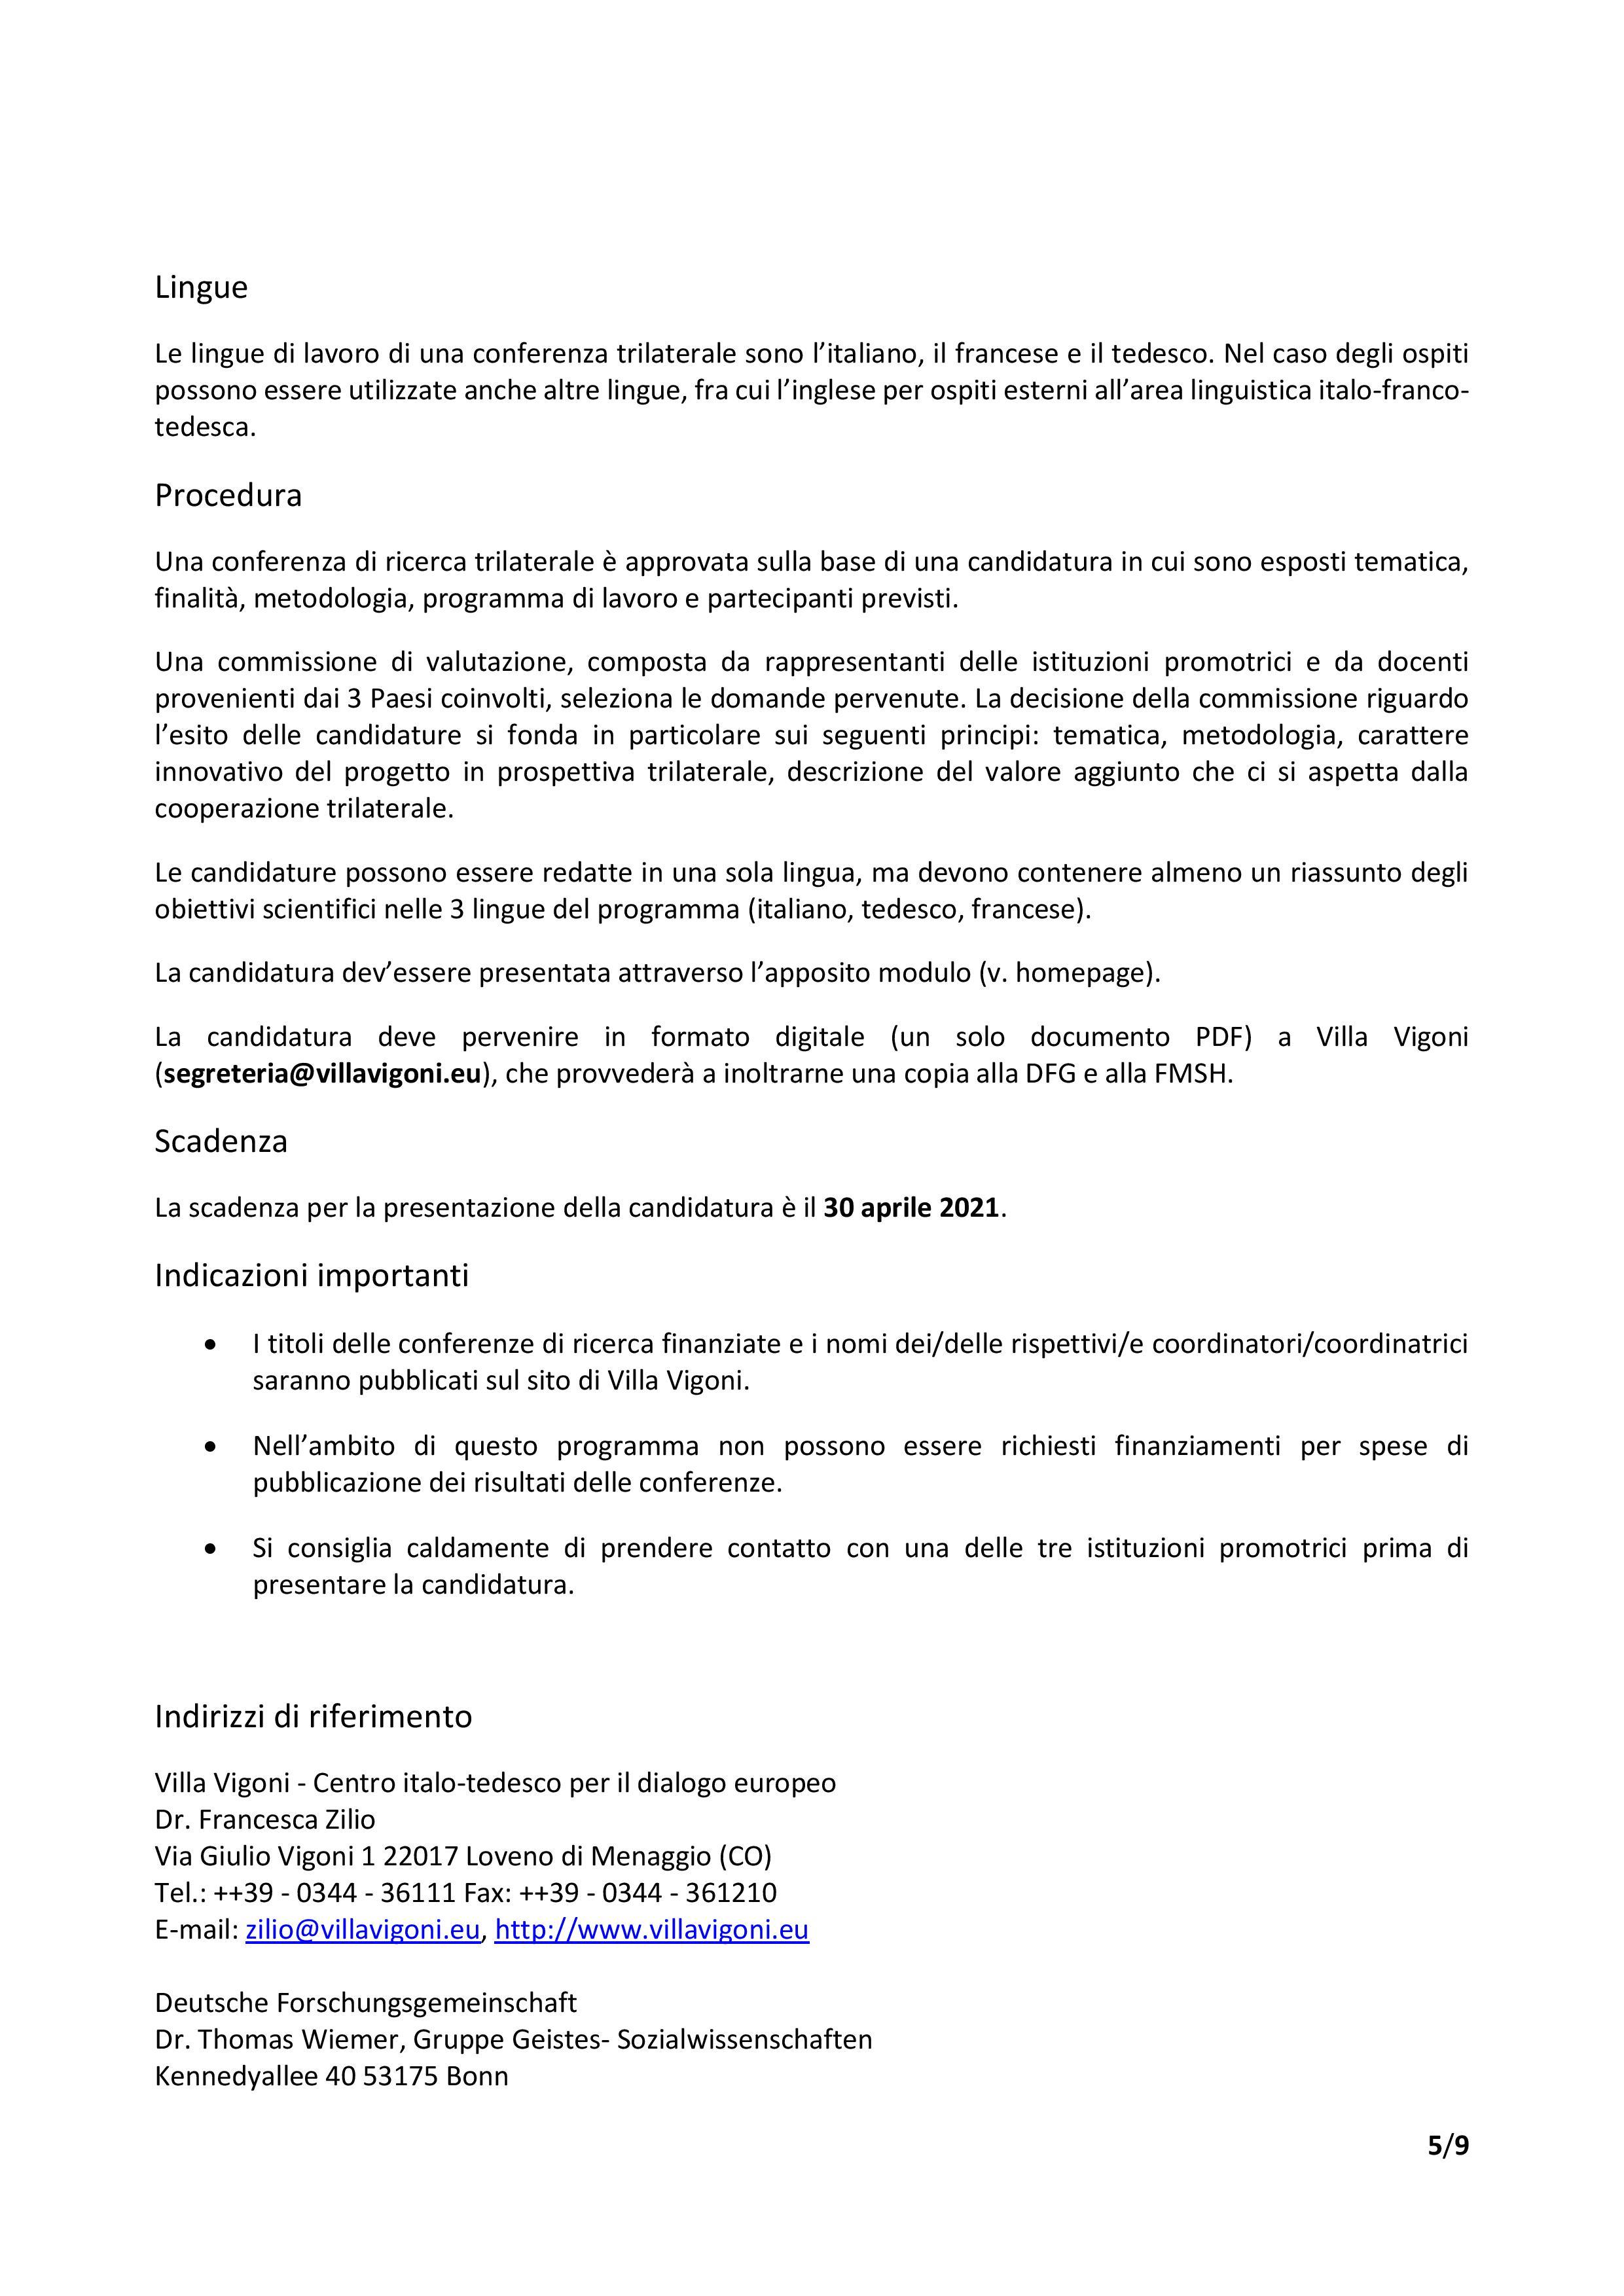 Conferenze-di-ricerca-trilaterali_2022-2024_BANDO-1-page-005